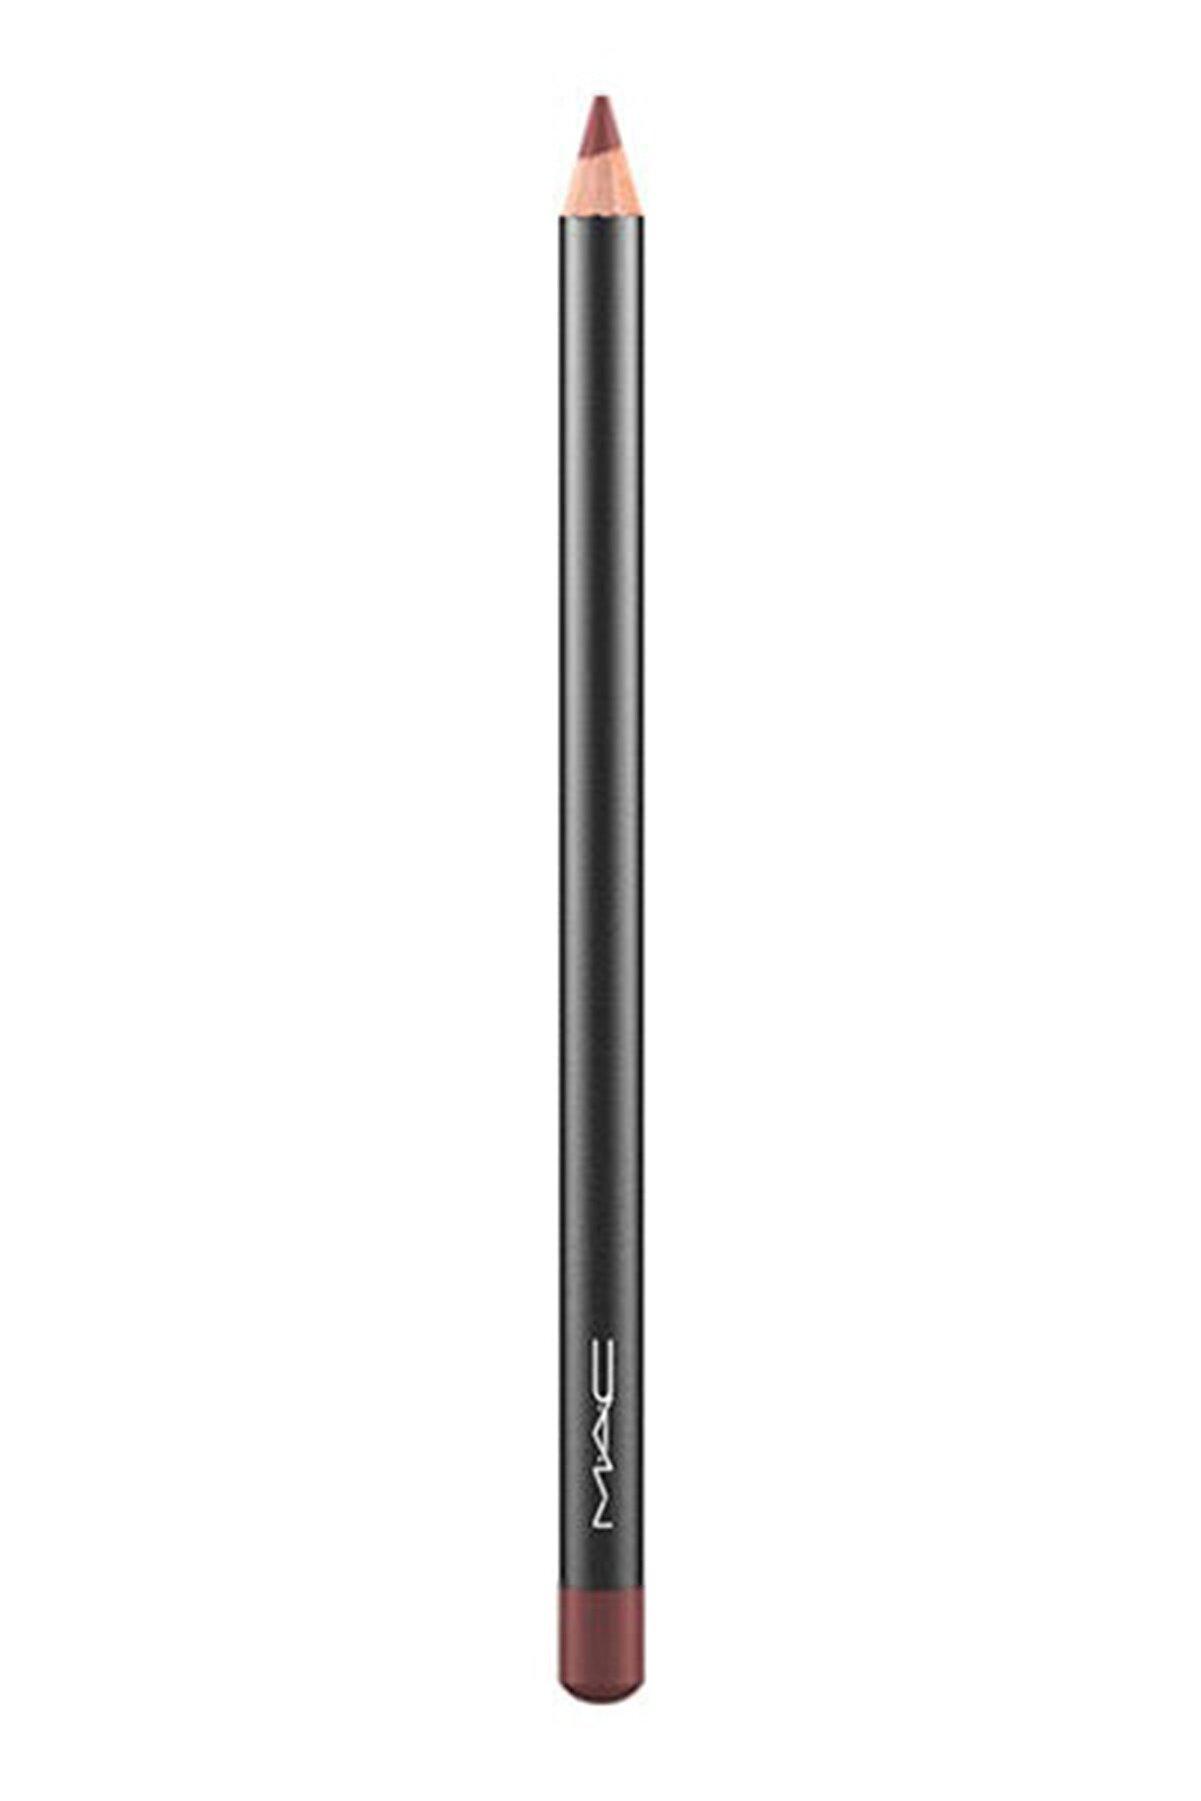 Mac Dudak Kalemi - Lip Pencil Mahogany 1.45 g 773602430062